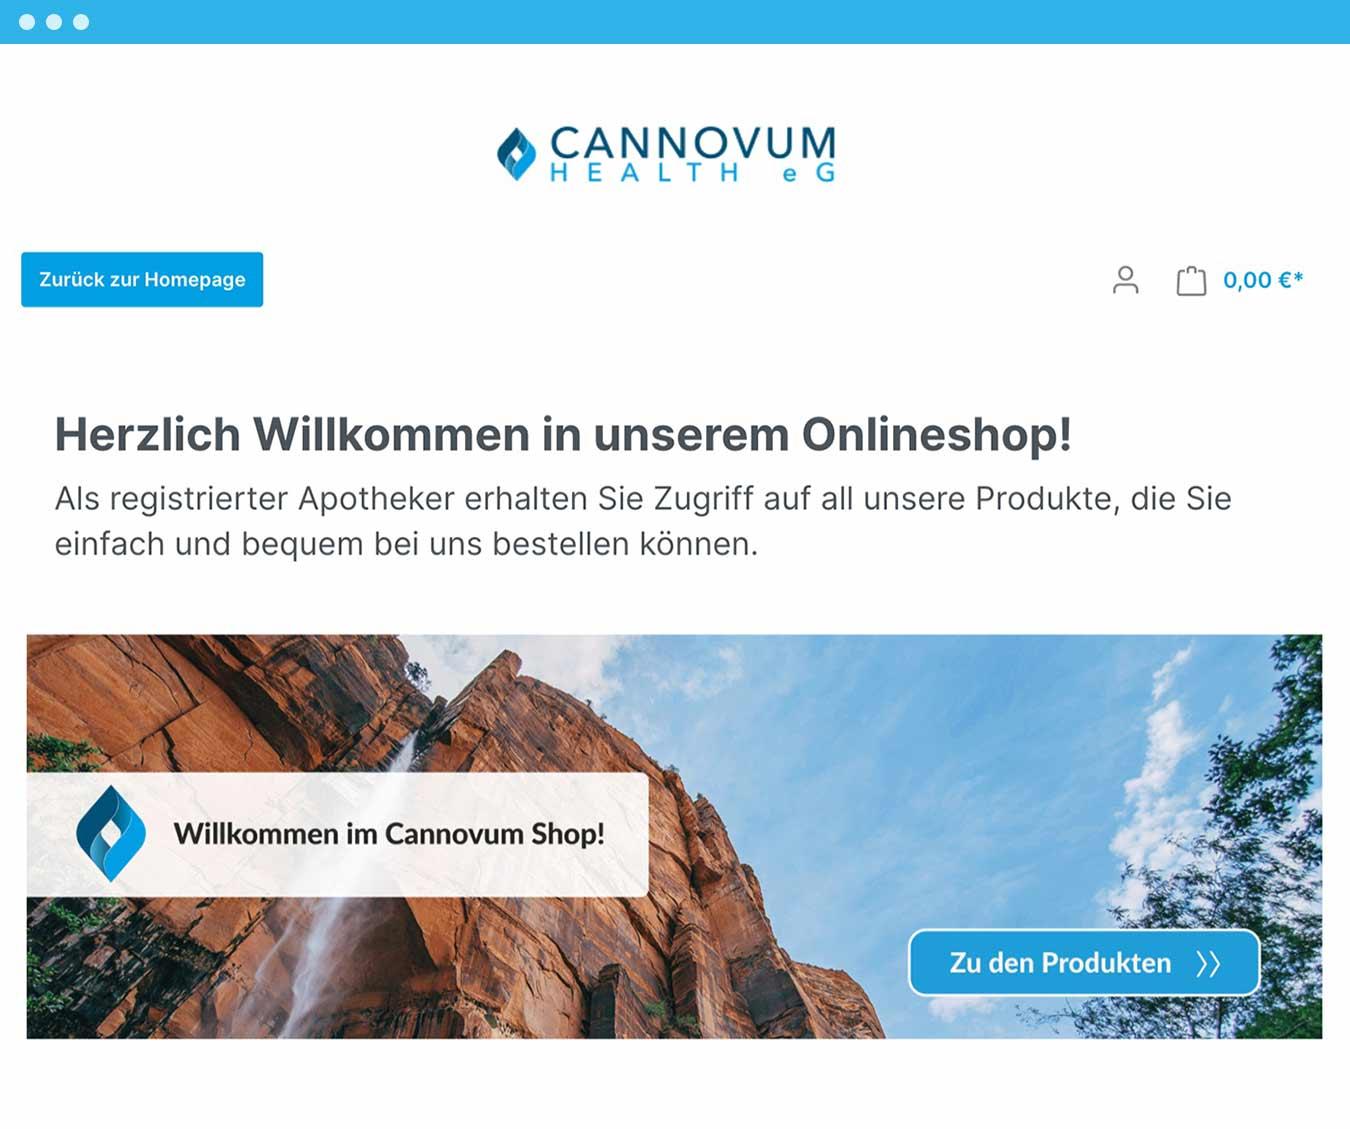 Screenshot of Cannovum's Online Shop